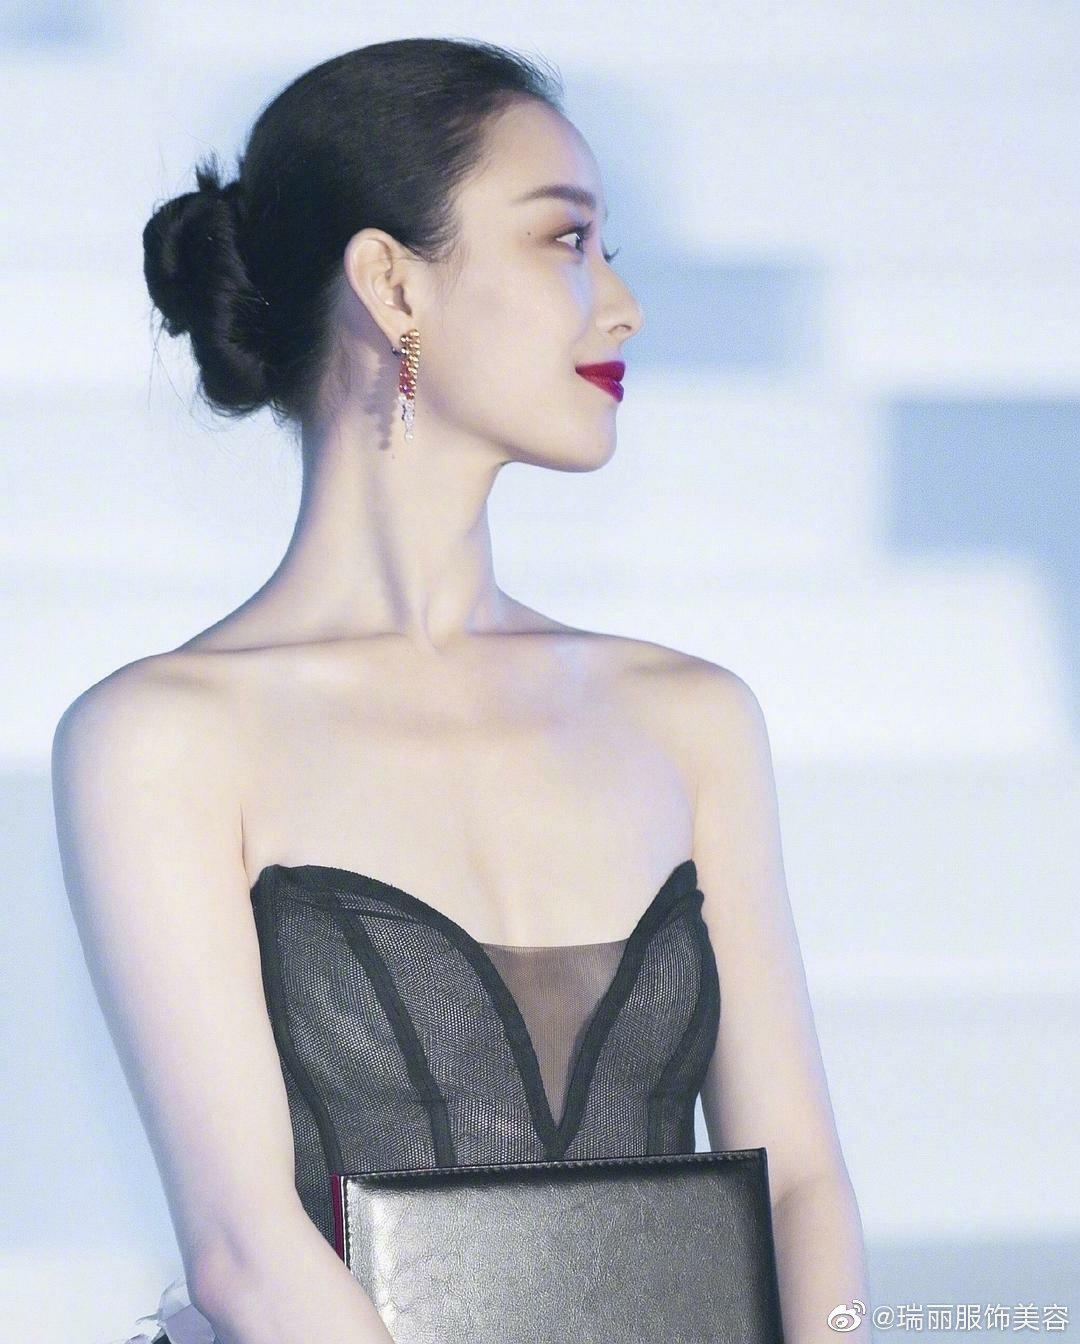 抹胸裙的设计将美丽性感的锁骨在不经意间毫无保留的展现出来……